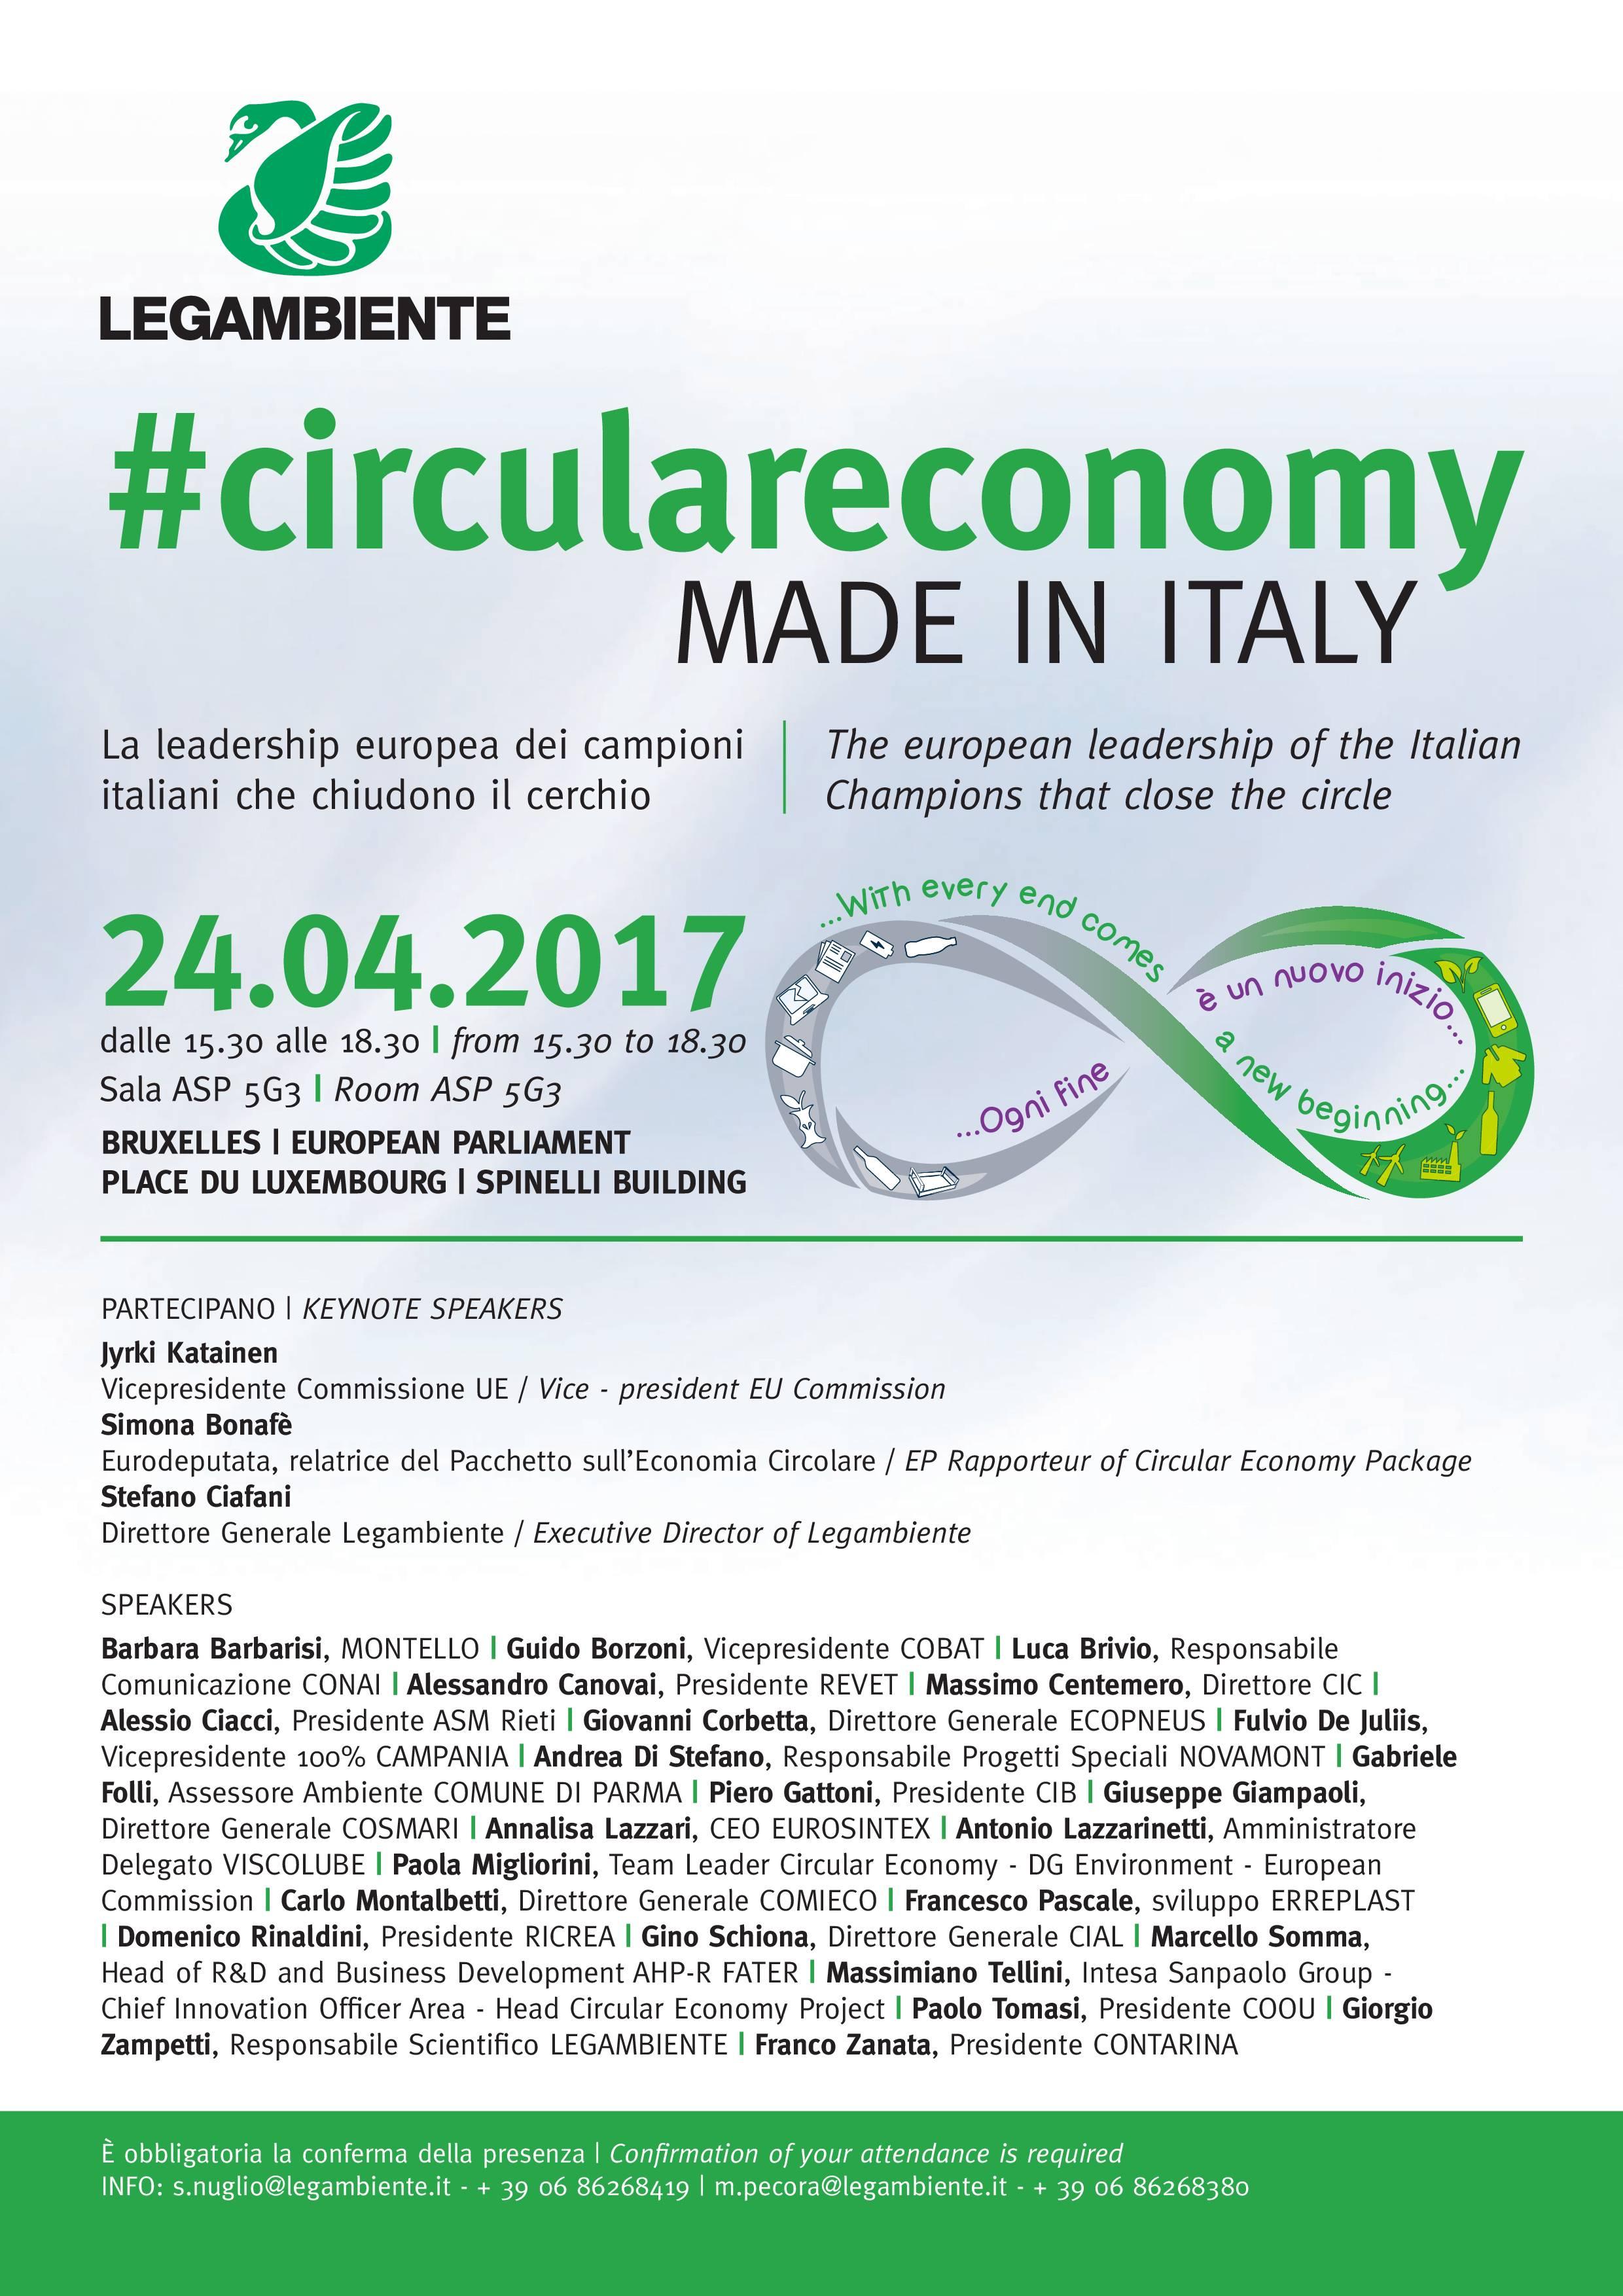 Economia circolare made in italy